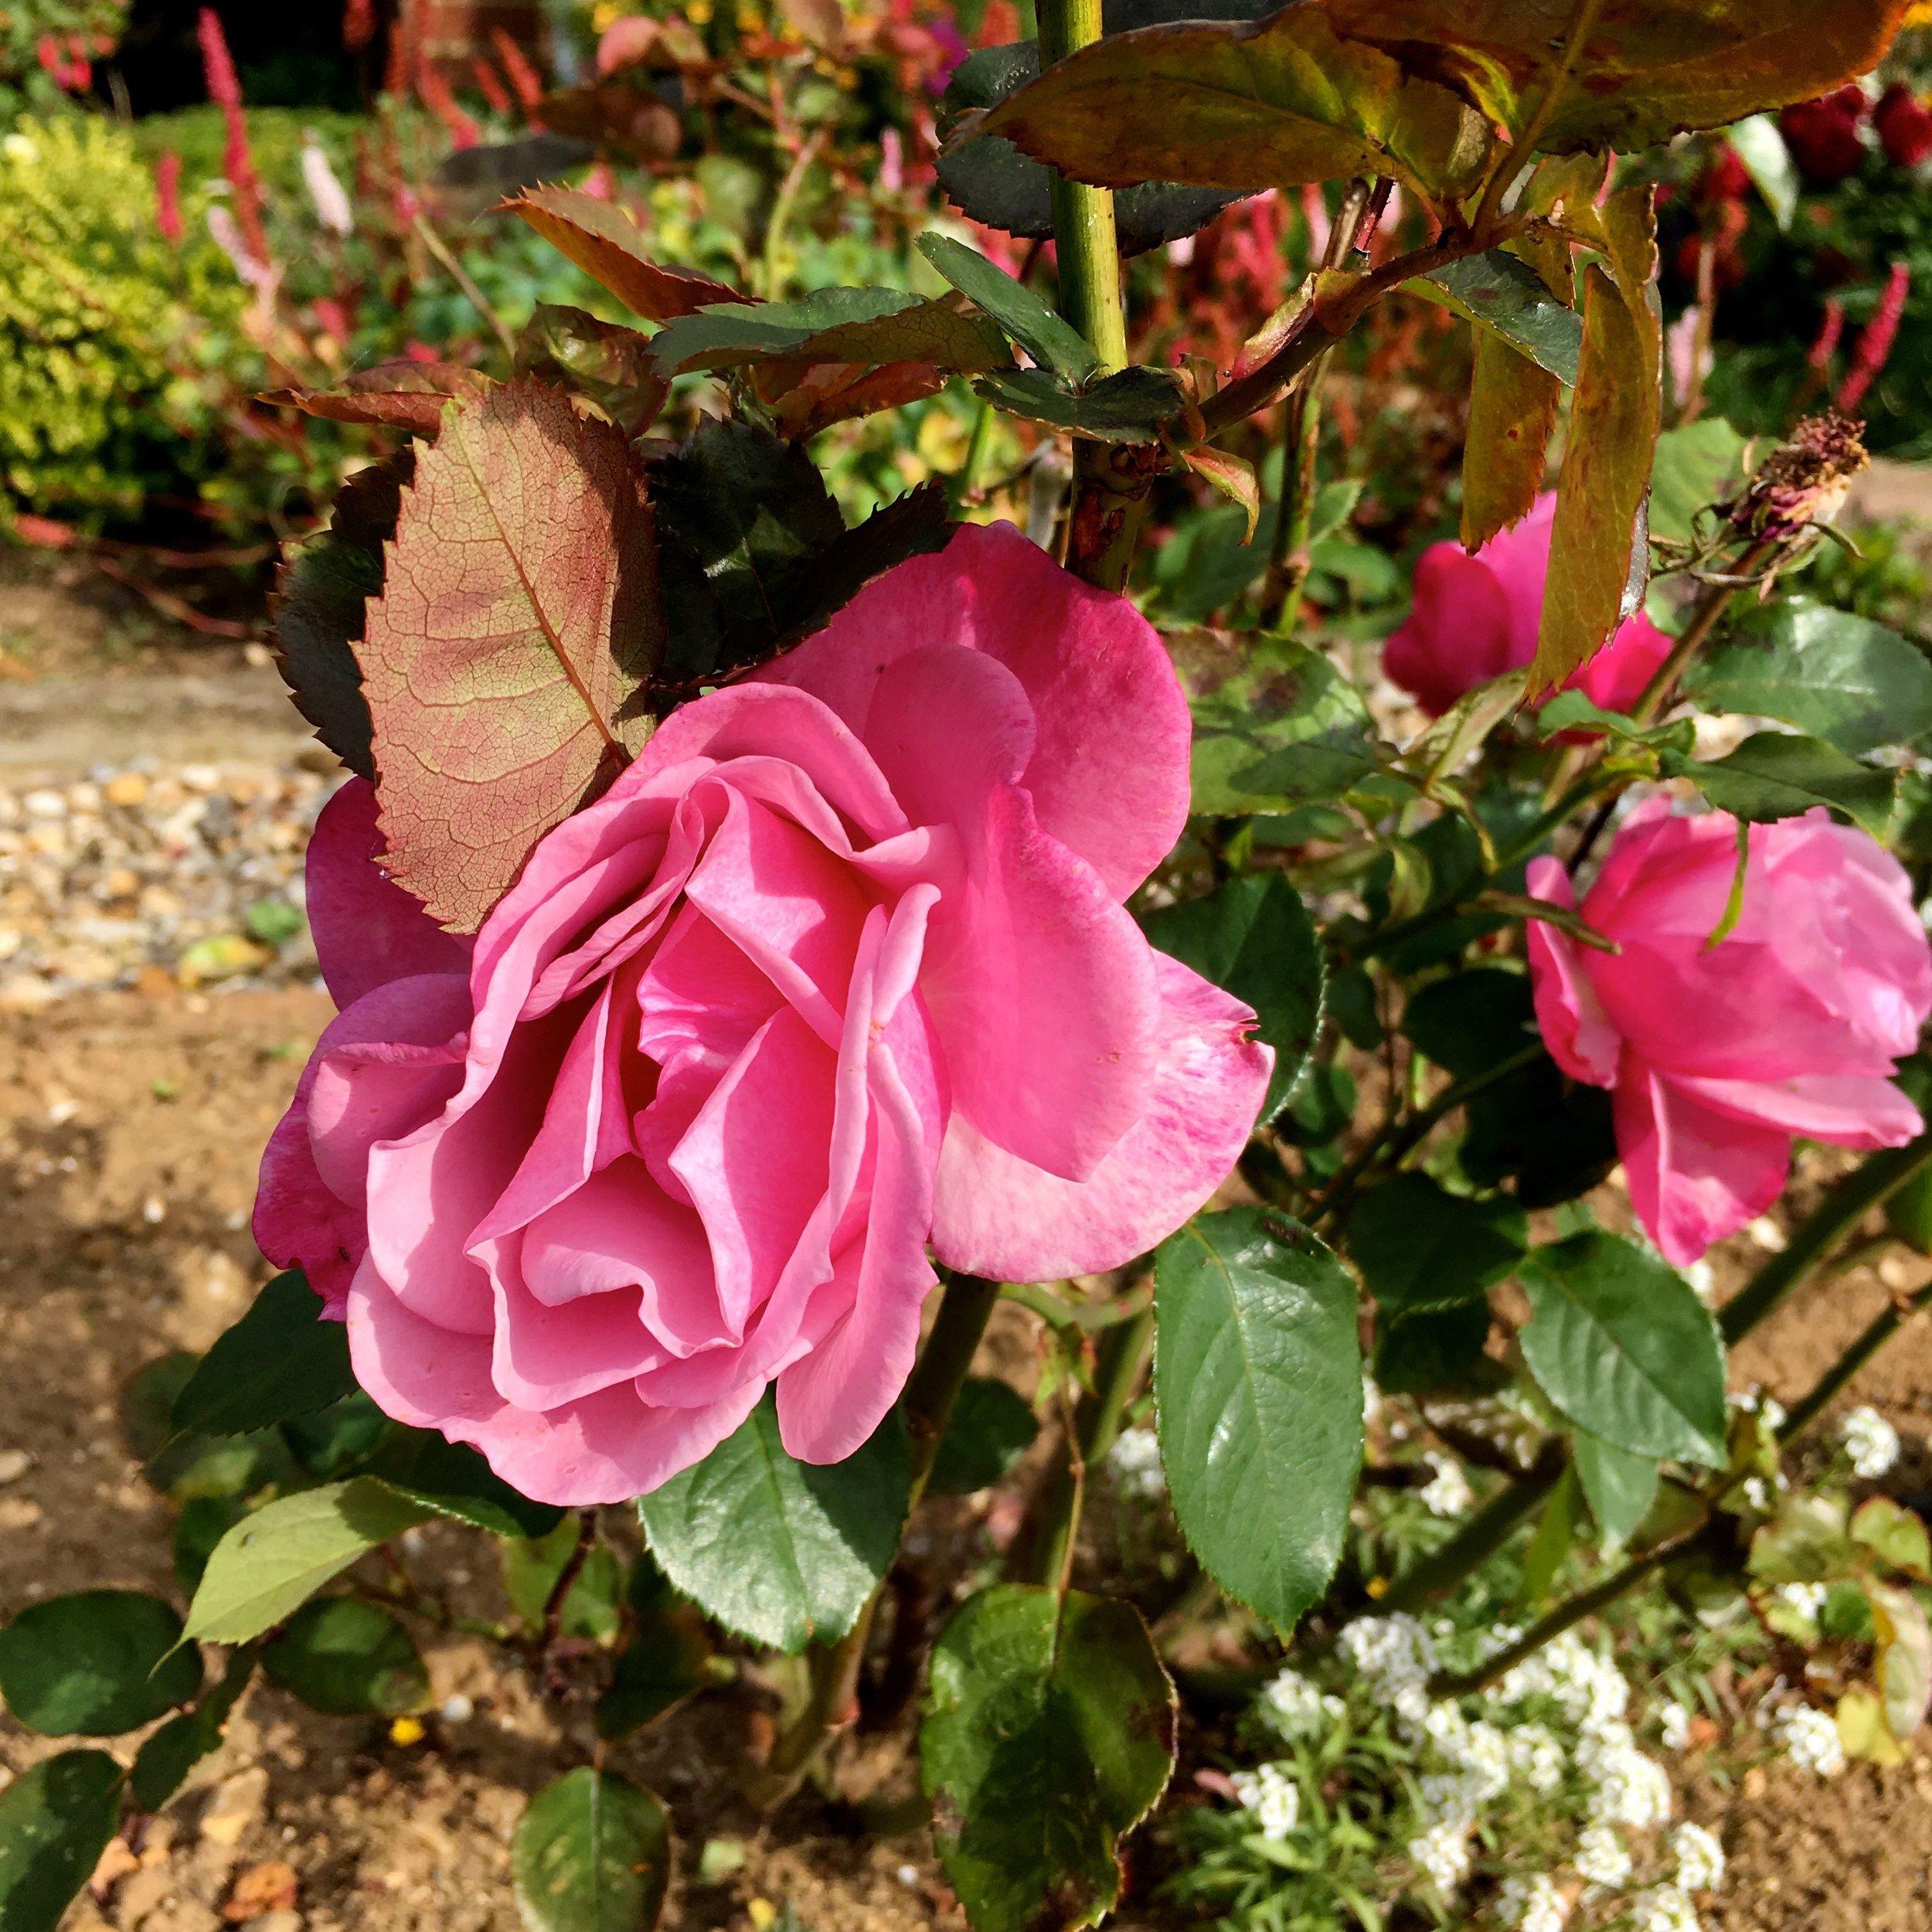 Roses in full flower in dad's norfolk garden